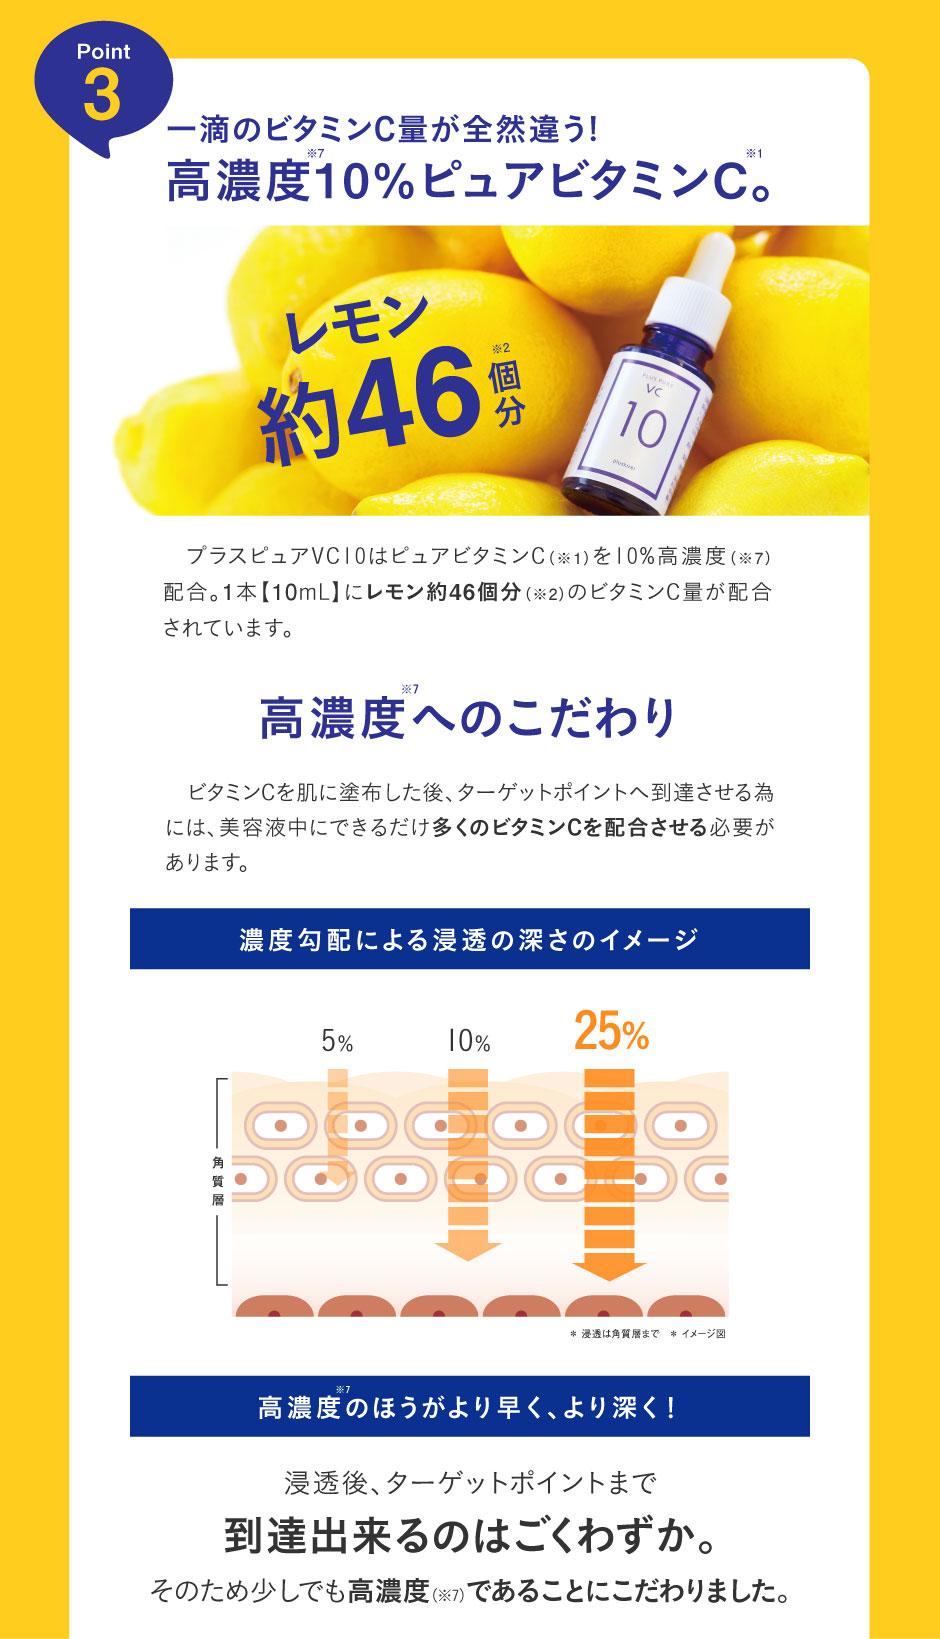 レモン54個分